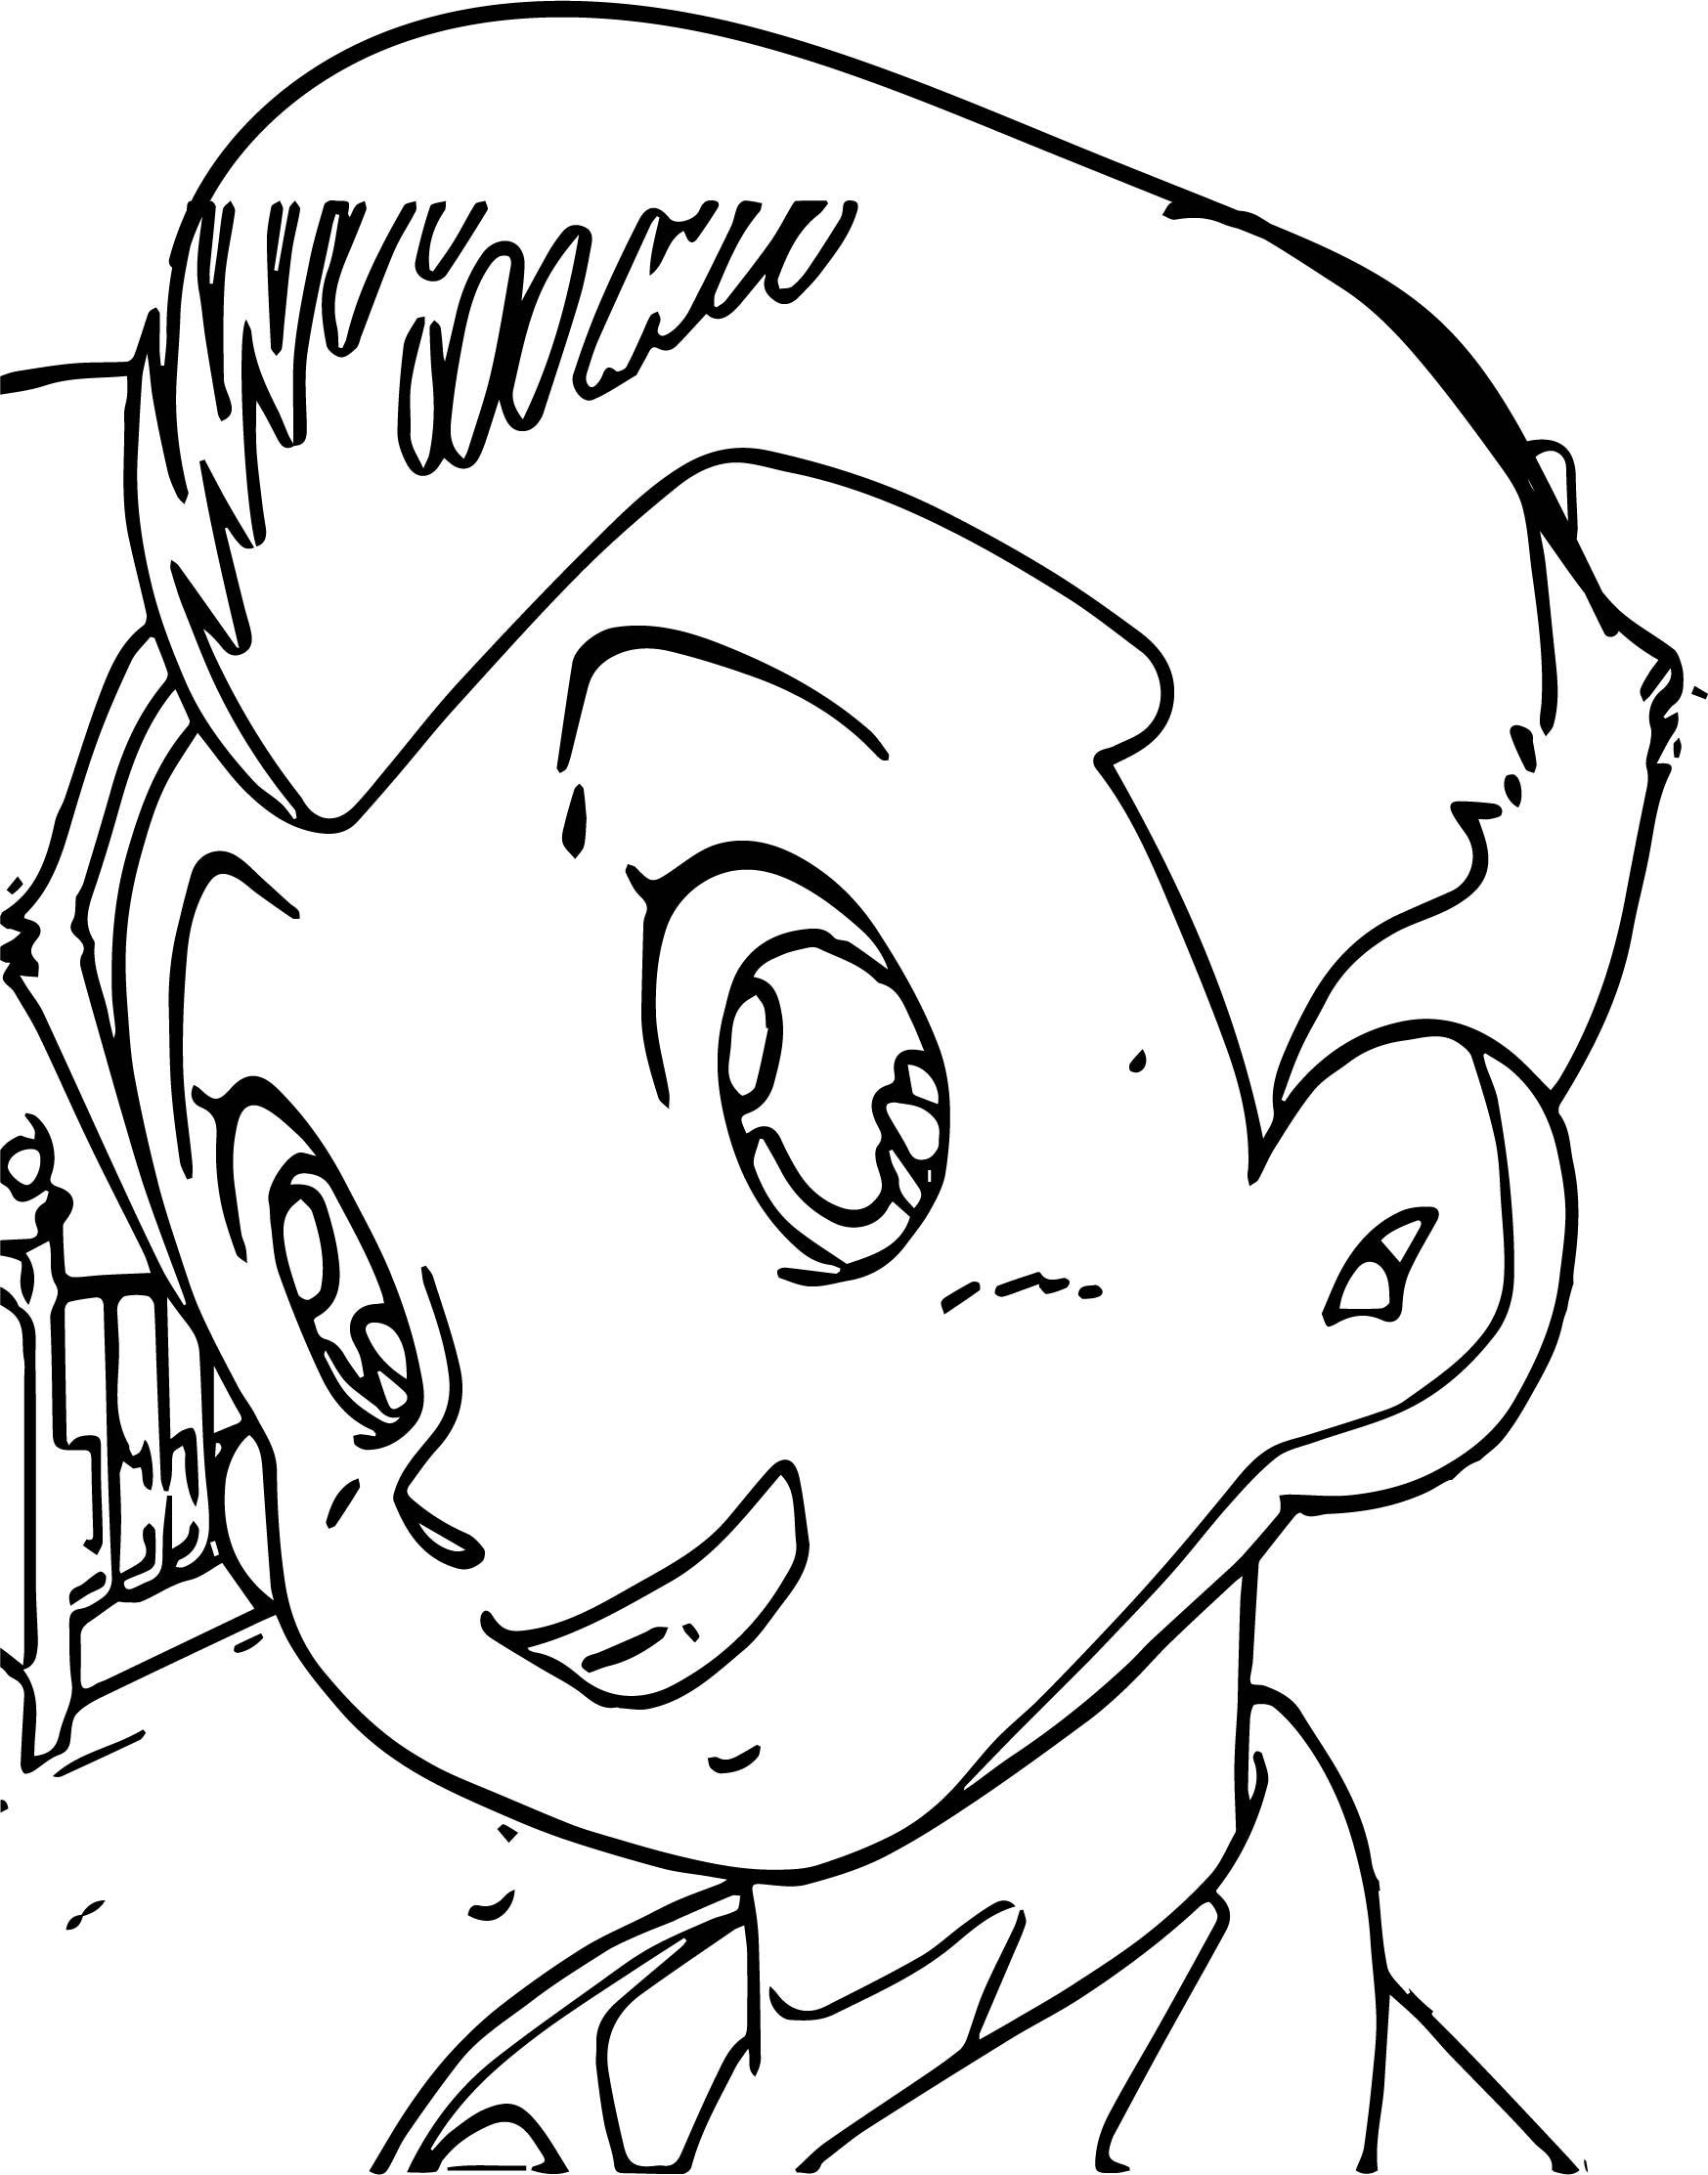 Reno Astro Boy Coloring Page